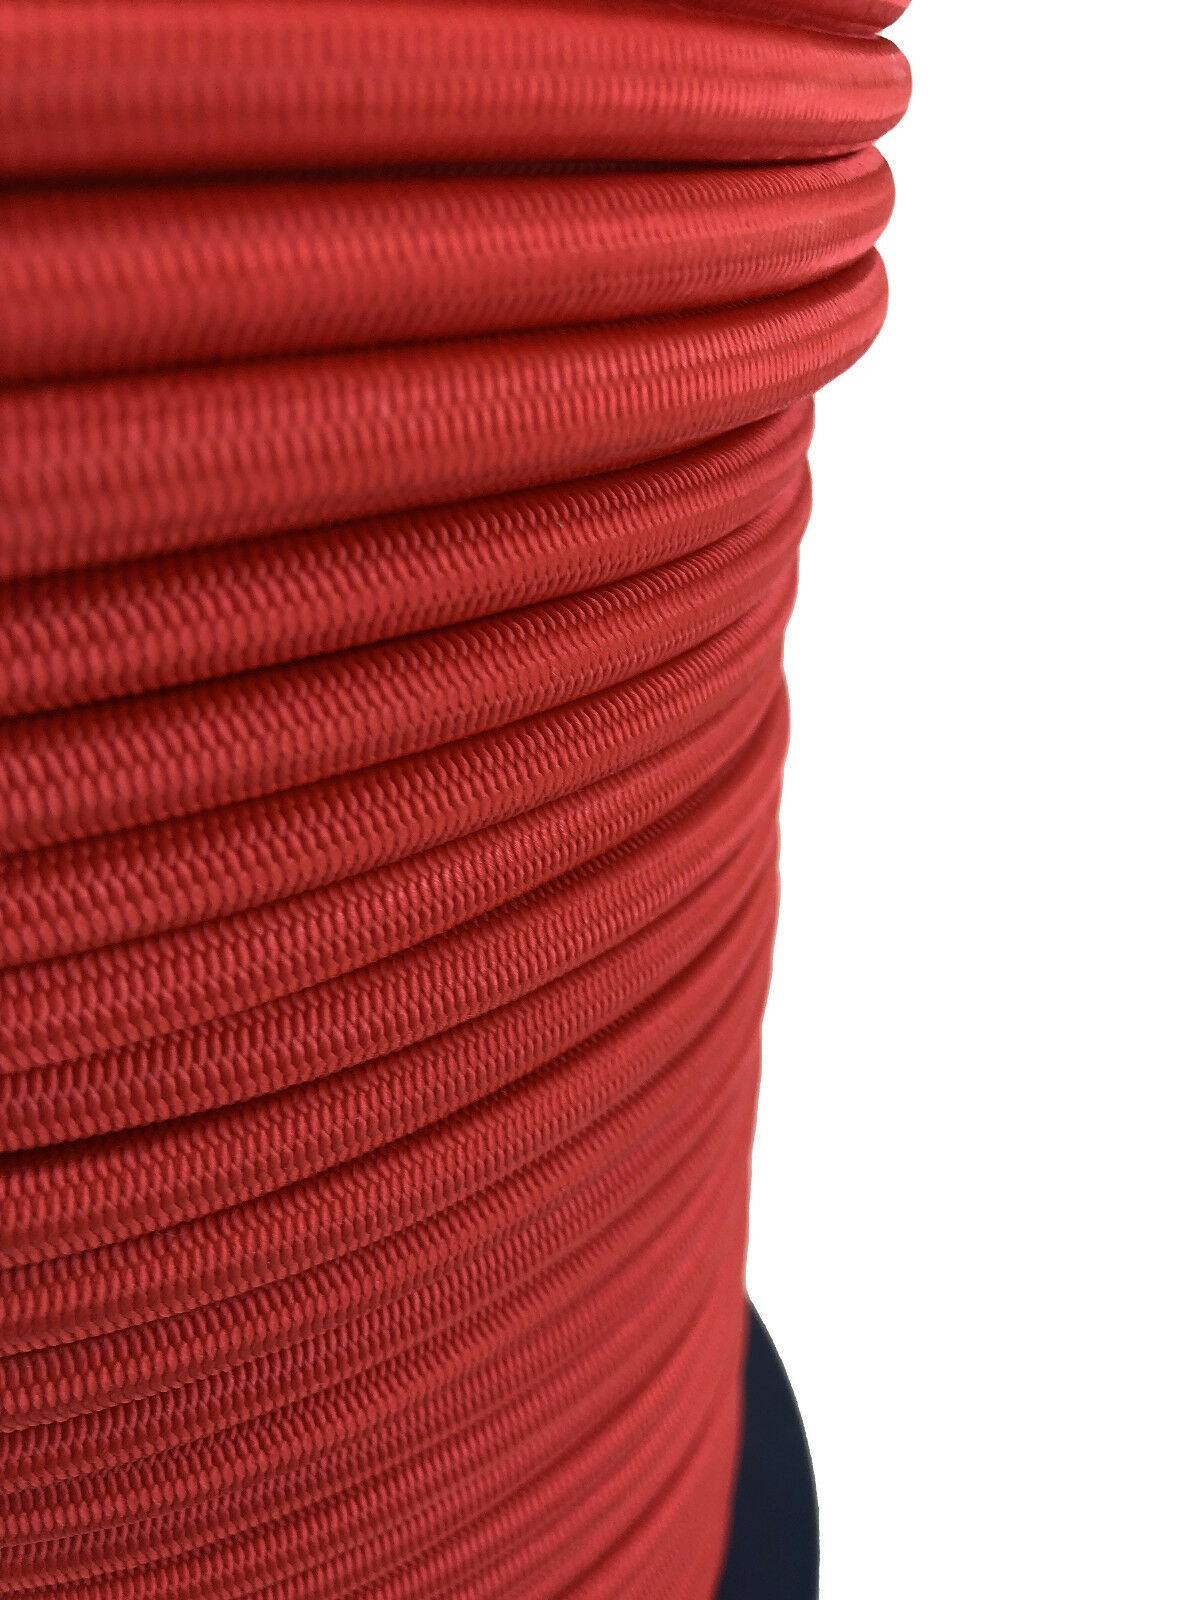 8mm Rot Elastischer Gummizug Seil Seil Seil X 100 Meter Krawatte Unten 3daee7